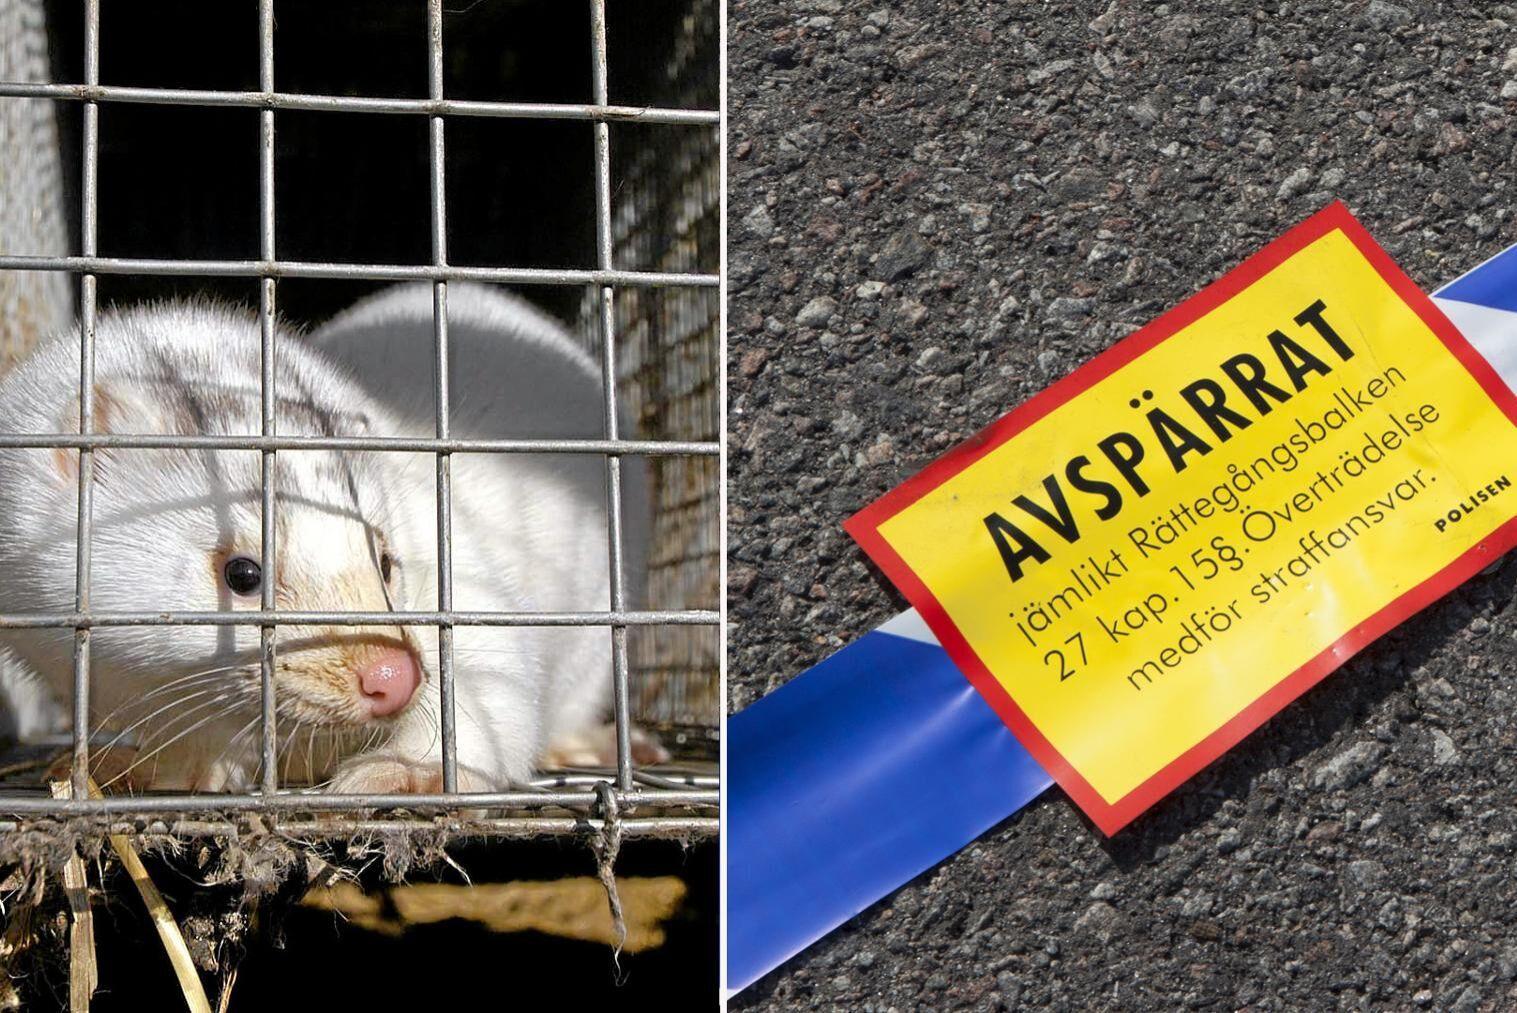 Djurrättsaktivisten åtalas för en rad olika brott efter att ha genomfört aktioner mot en minkfarm.